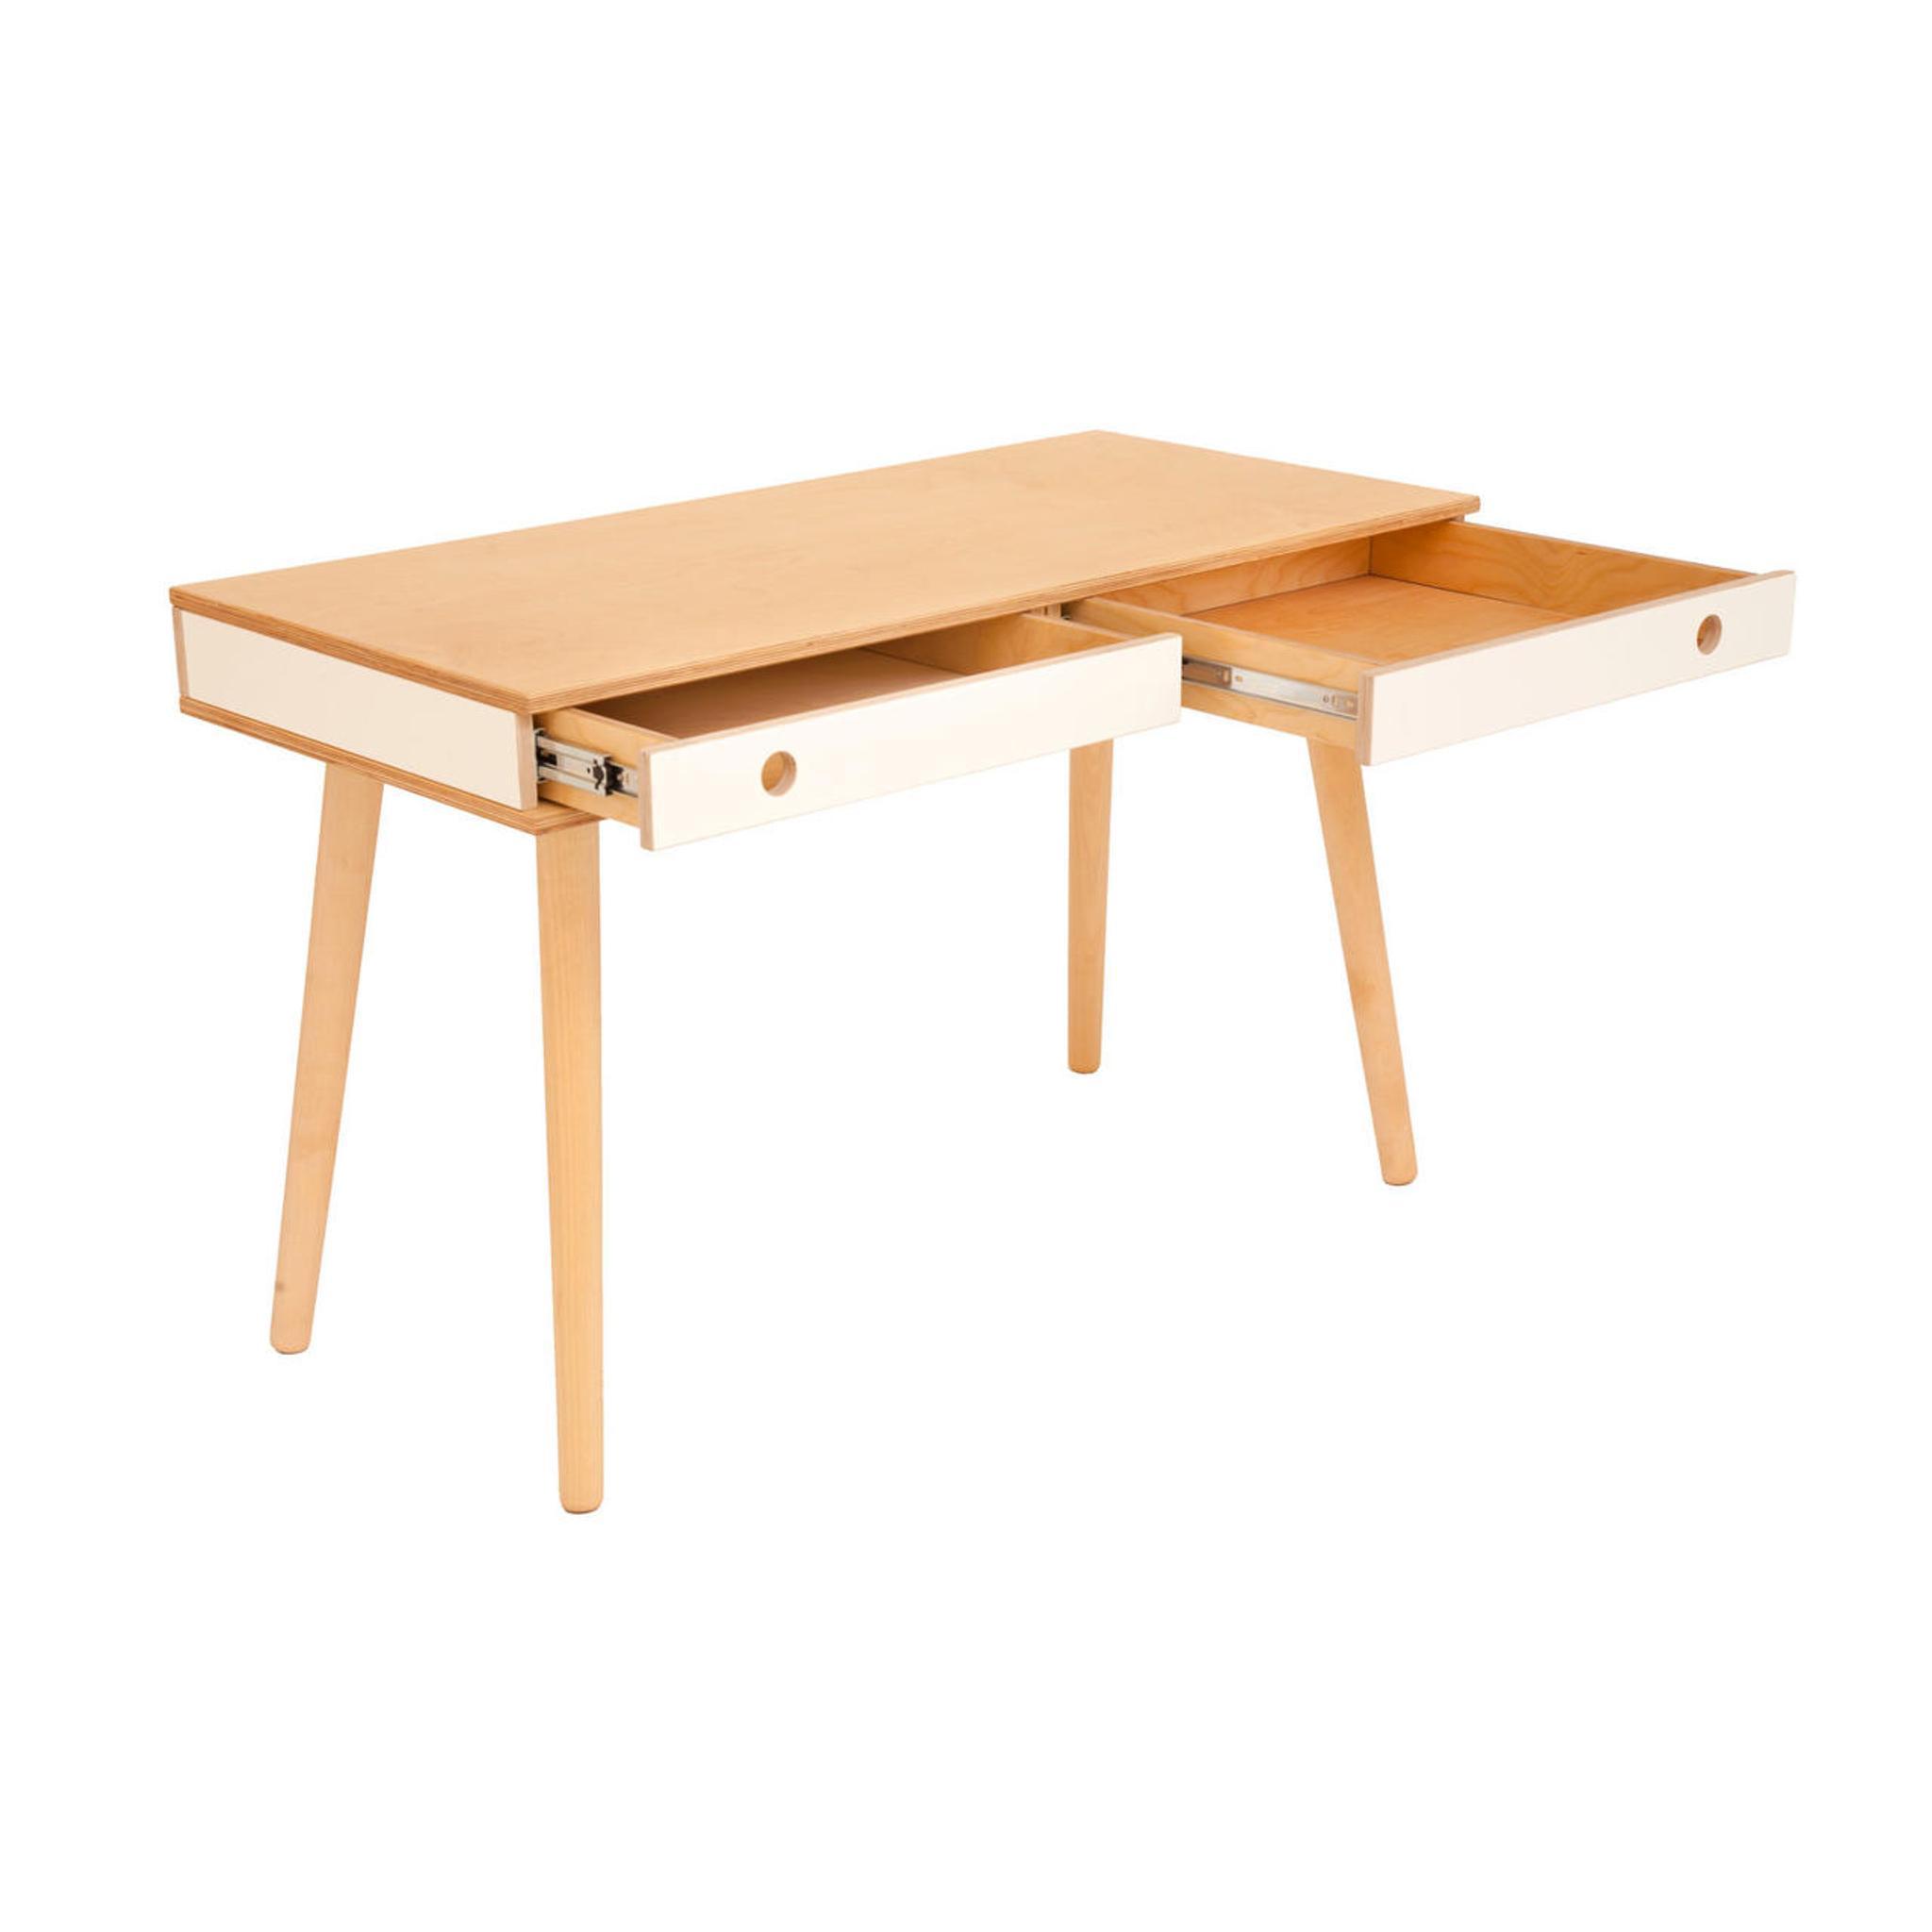 Schreibtisch skandinavisches design wohntrend for Schreibtisch skandinavisches design